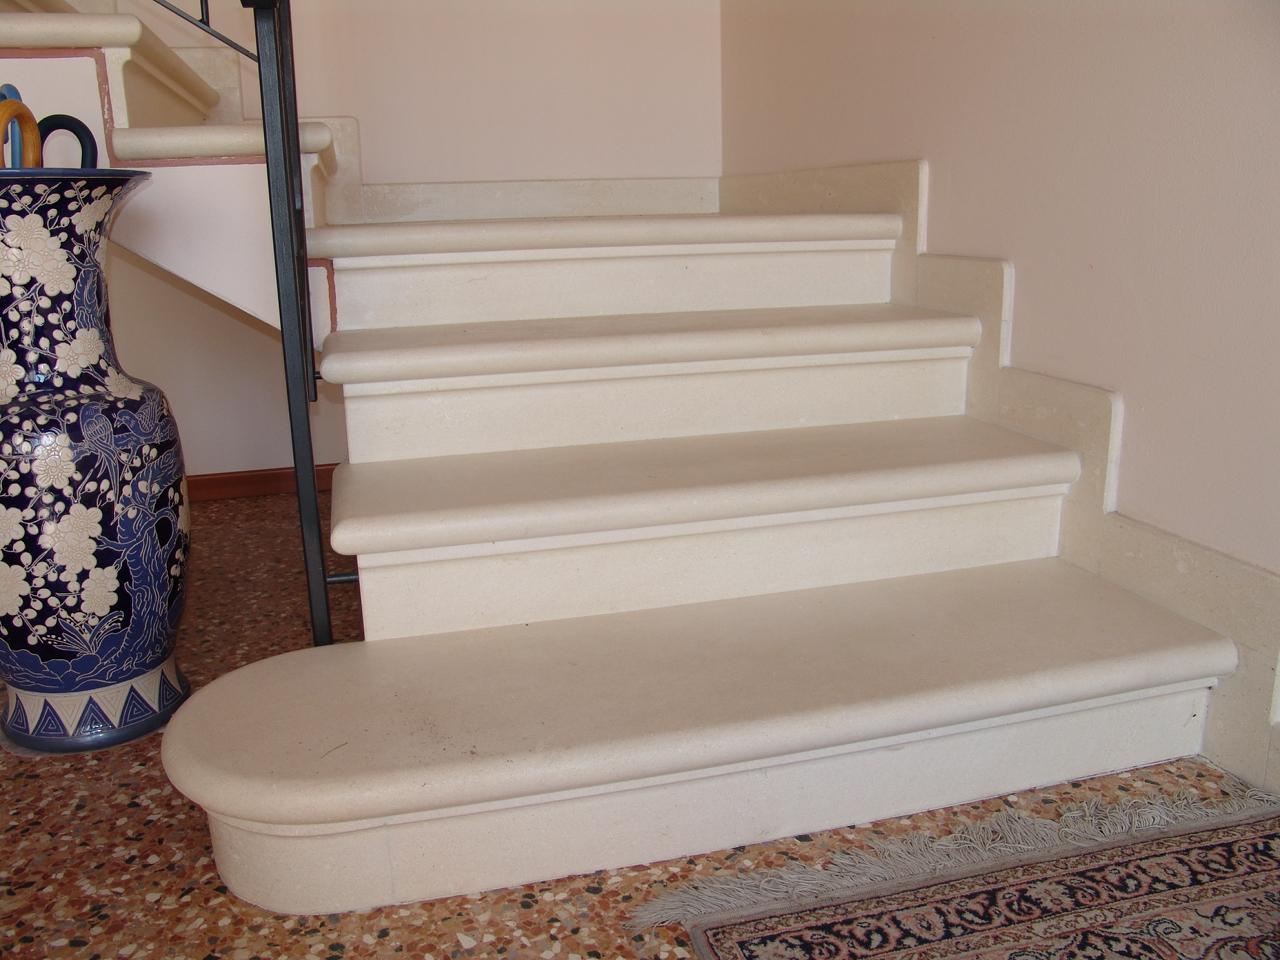 Marmi zem di ziche enrico arzignano catalogo e vendita marmo con foto di marmi pregiati da - Scale interne marmo ...